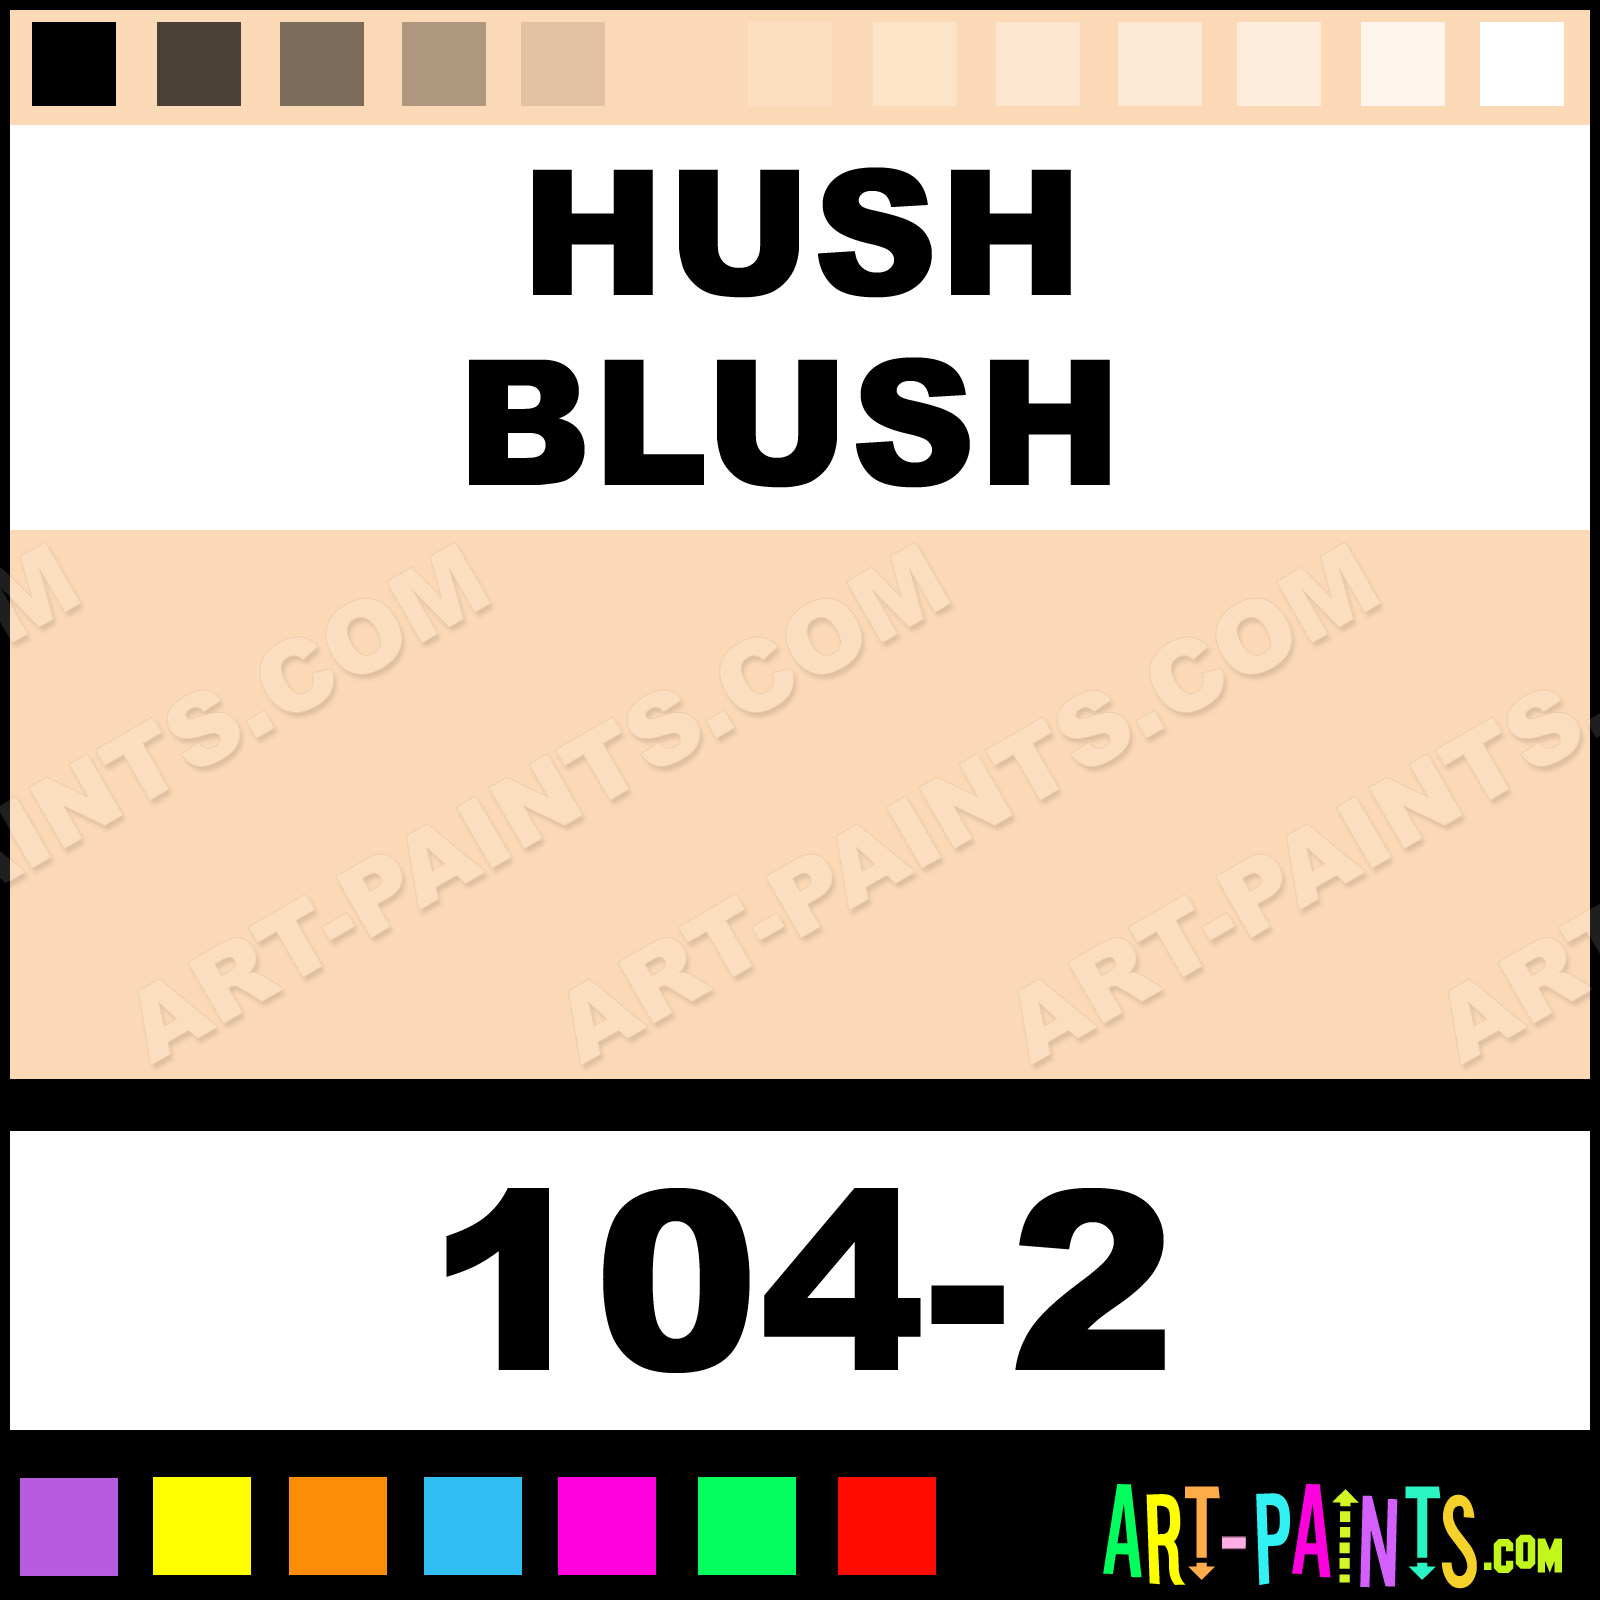 hushblush